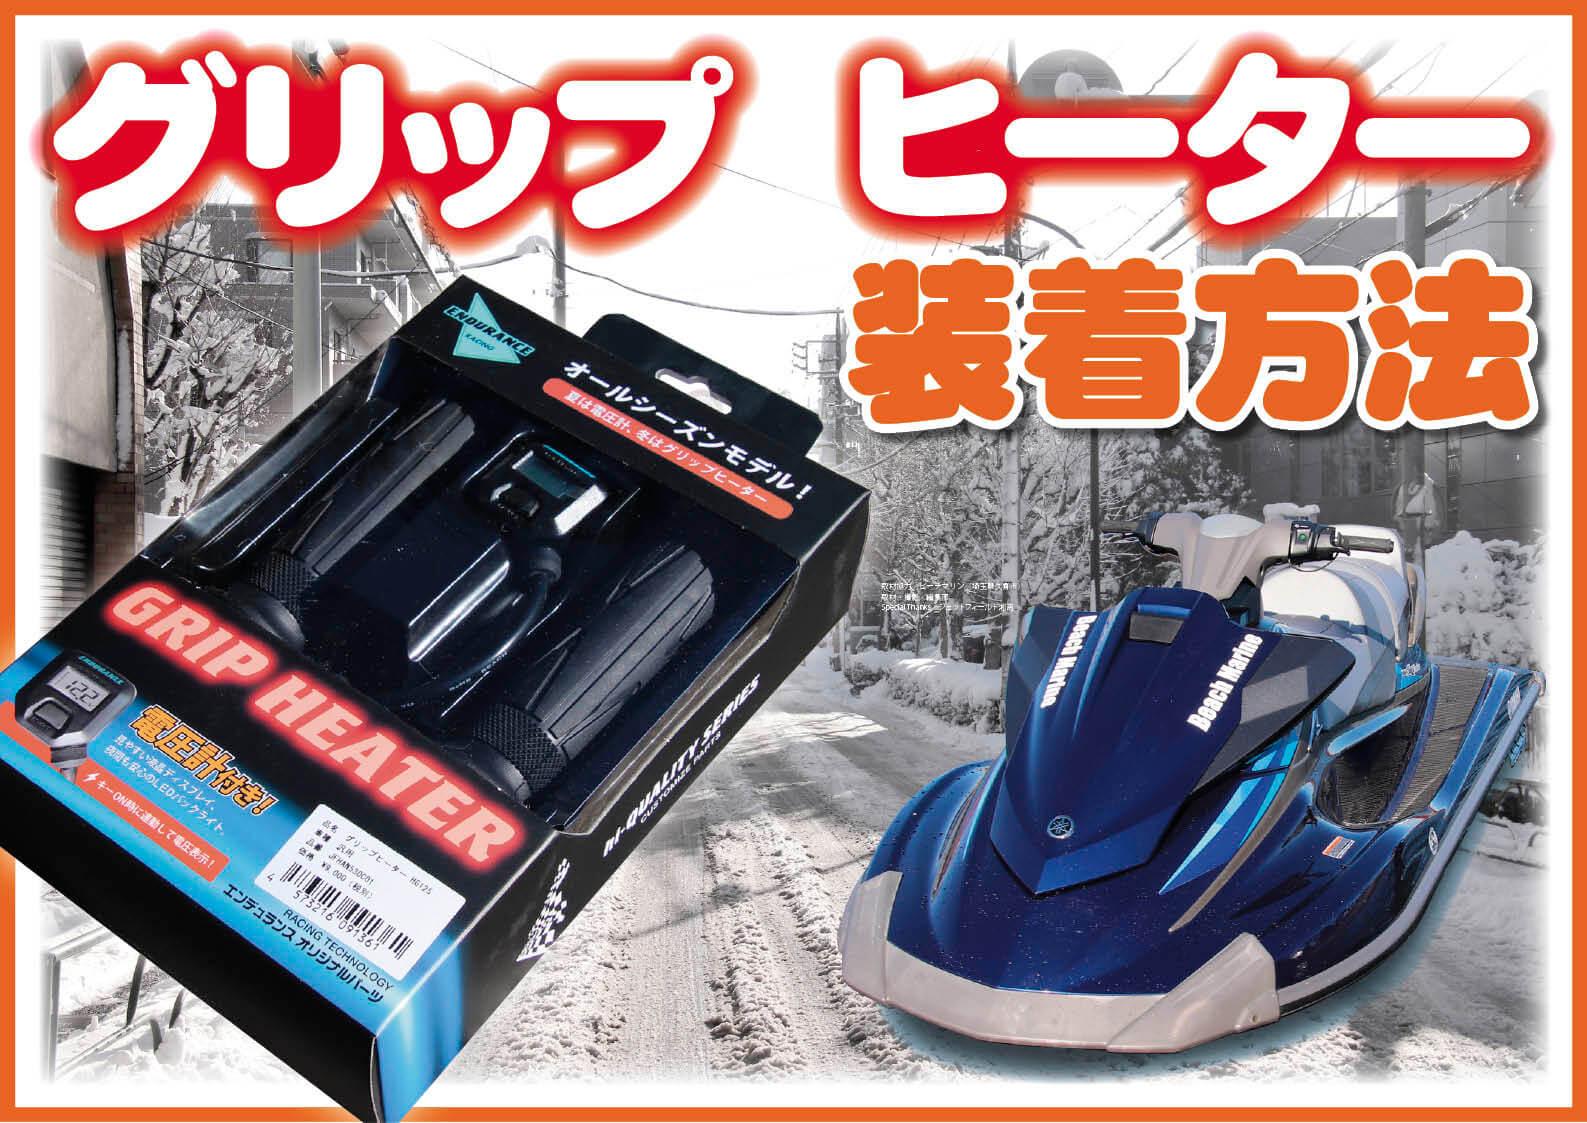 冬でも手が温かいグリップヒーターの装着方法 ジェットスキー(水上バイク)